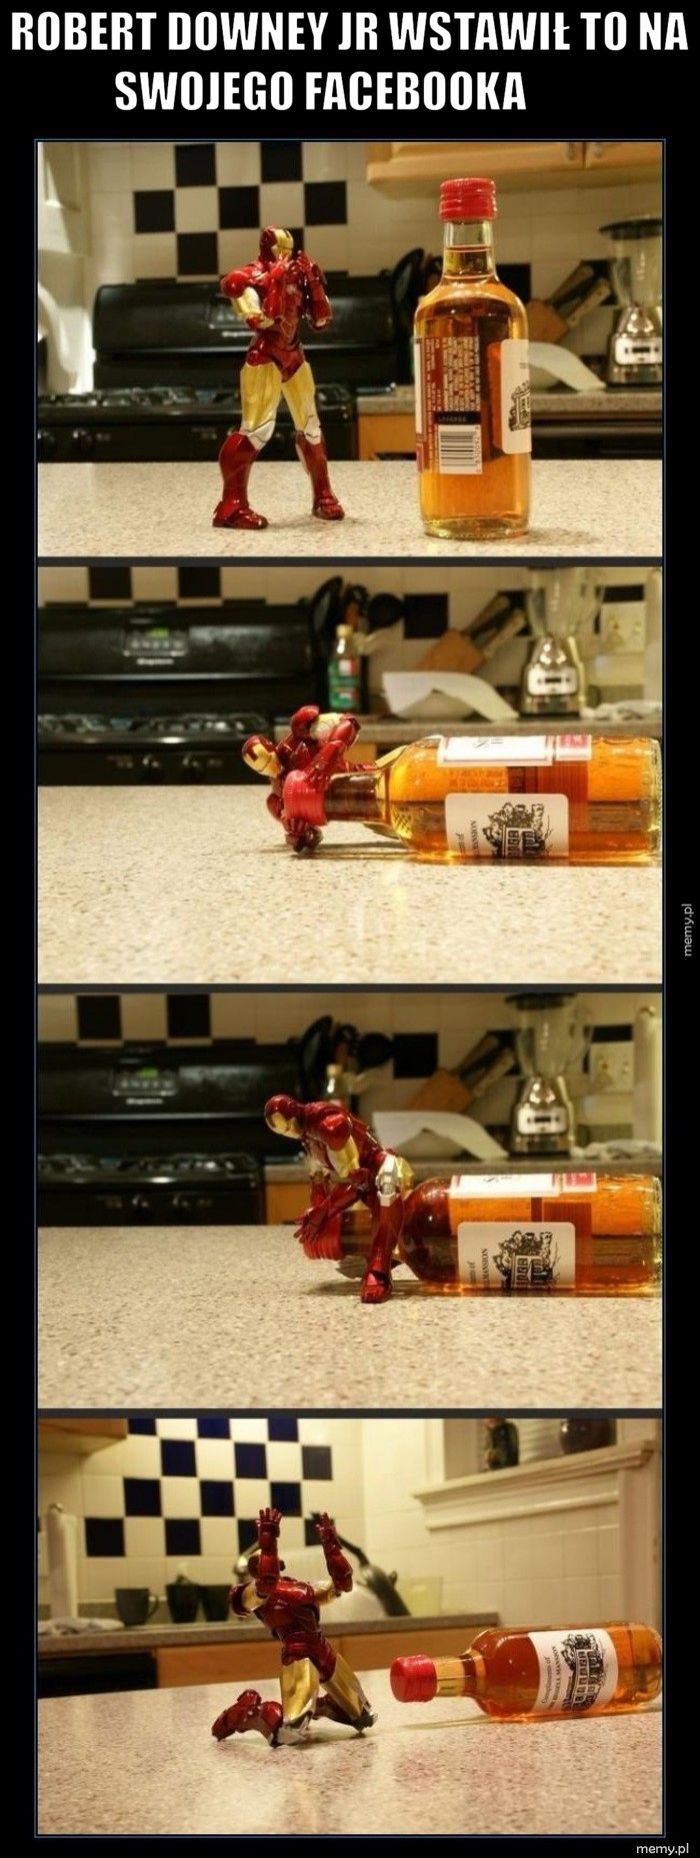 Robert Downey Jr wstawił to na swojego facebooka